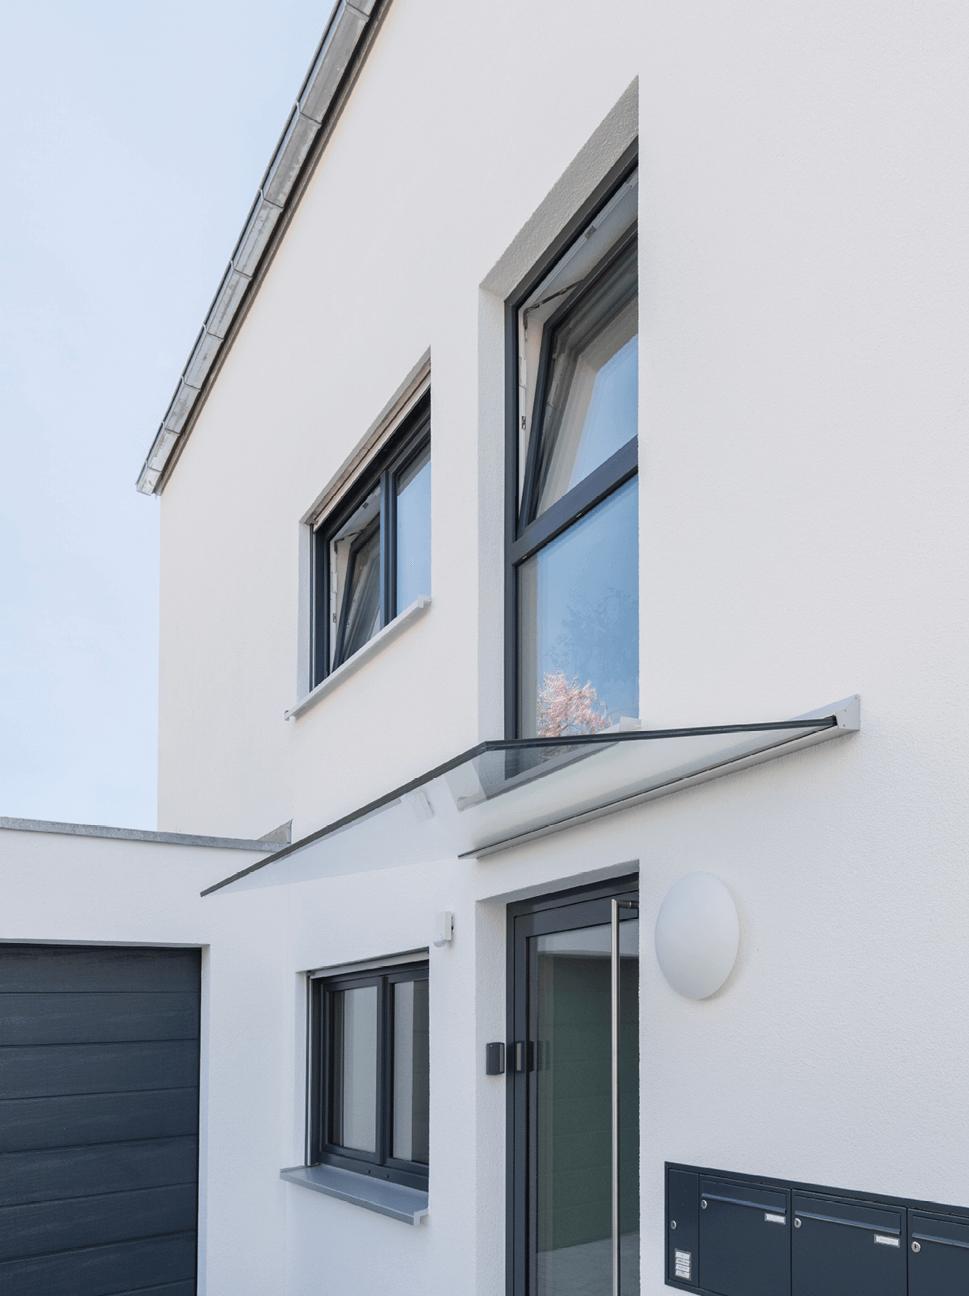 Vordach bestehend aus einer Ganzglasscheibe